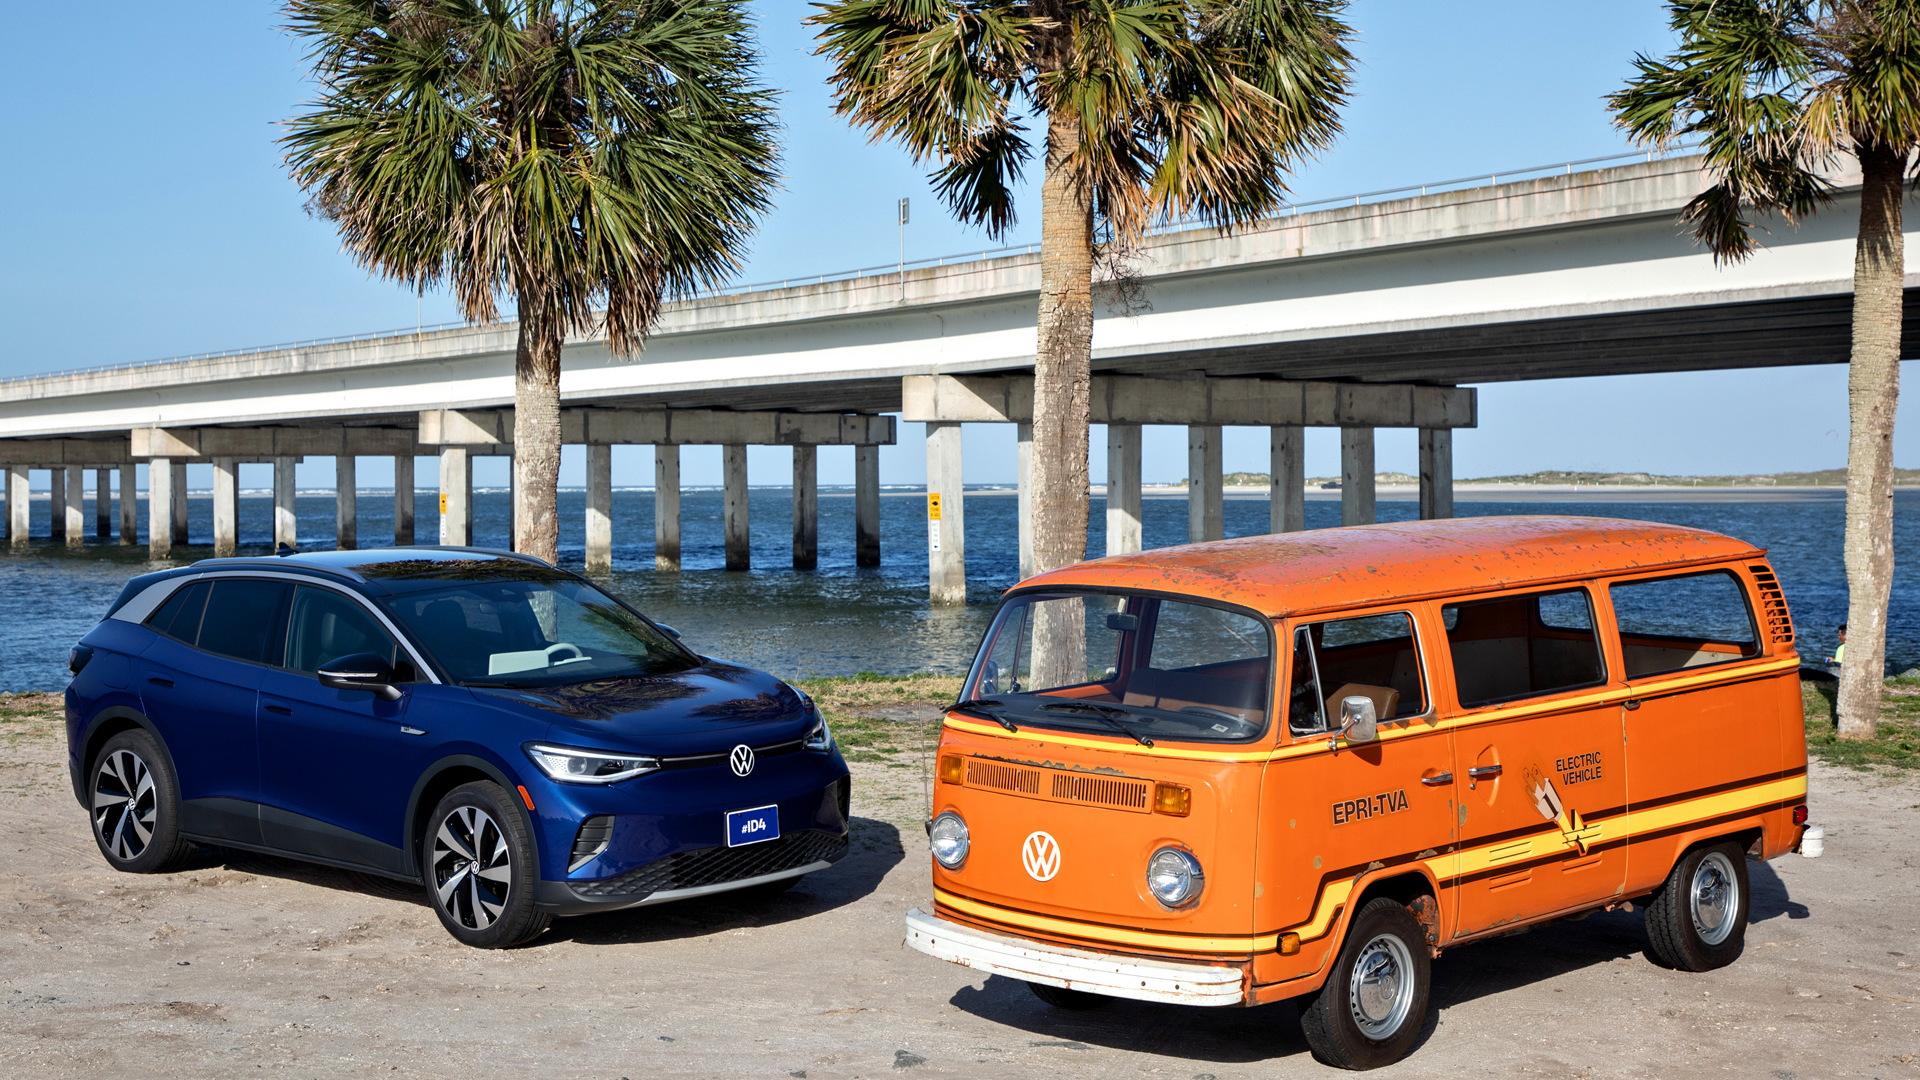 2021 Volkswagen ID.4 and 1978 Volkswagen Elektrotransporter prototype